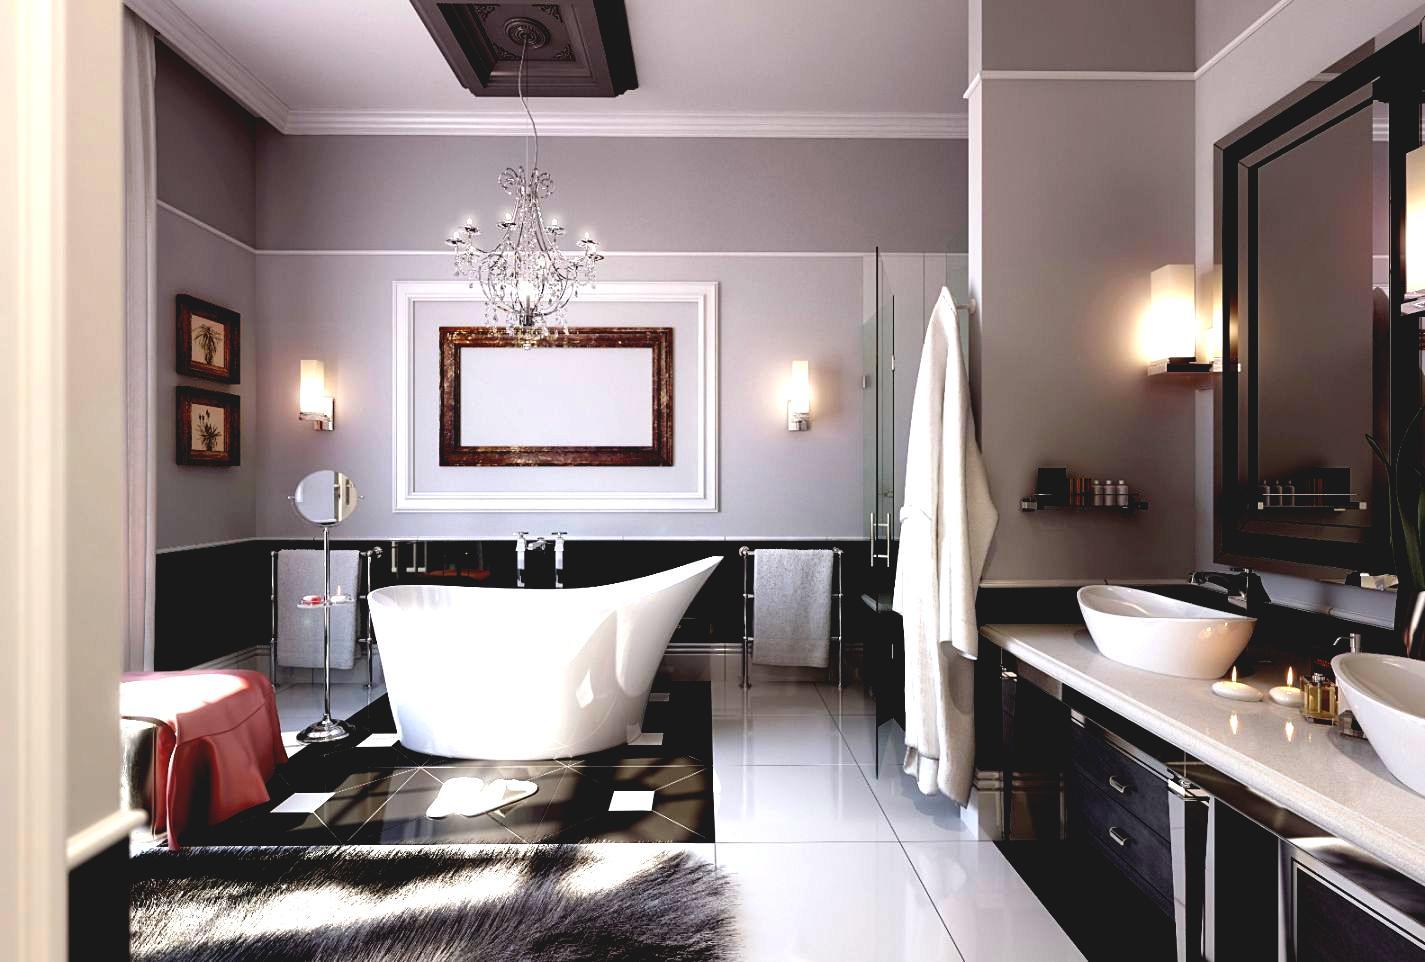 bathrooms-figure-industry-standard-design